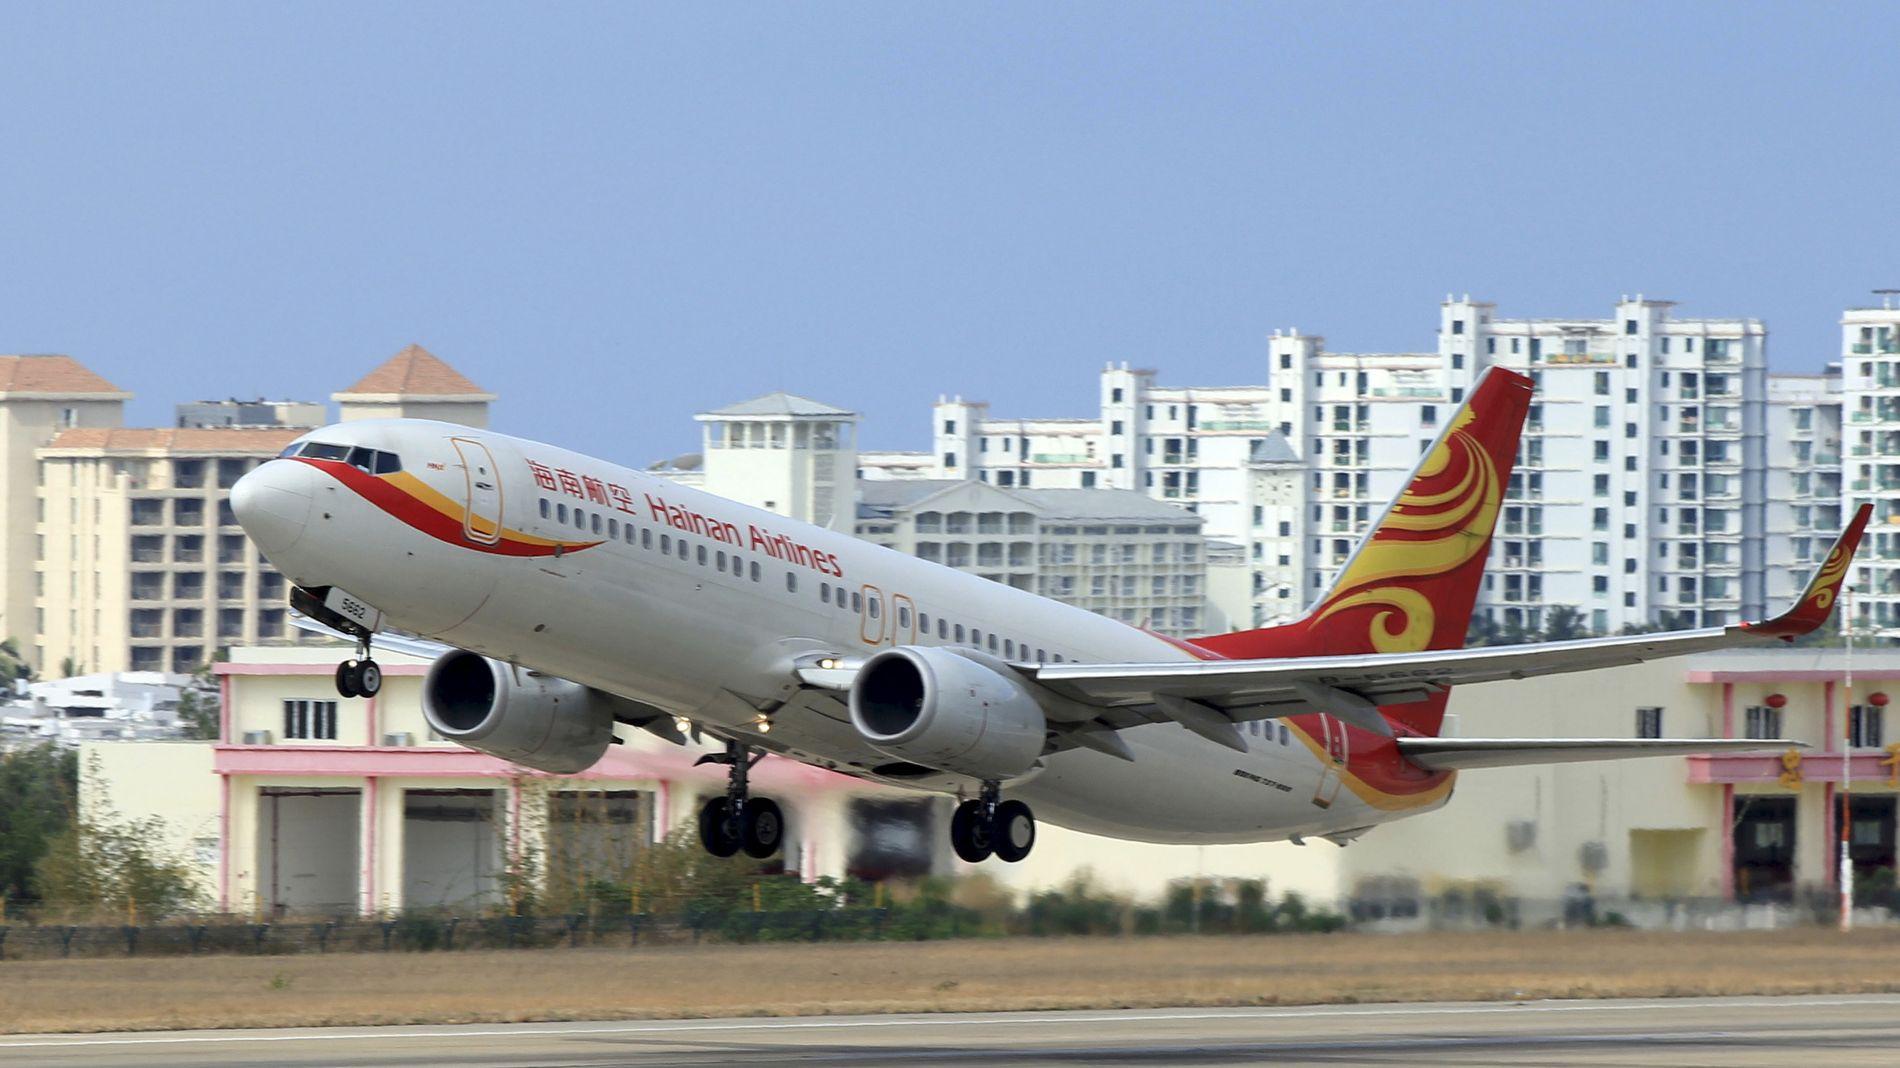 NY RUTE: Flyselskapet Hainan skal fly mellom Norge og Kina.